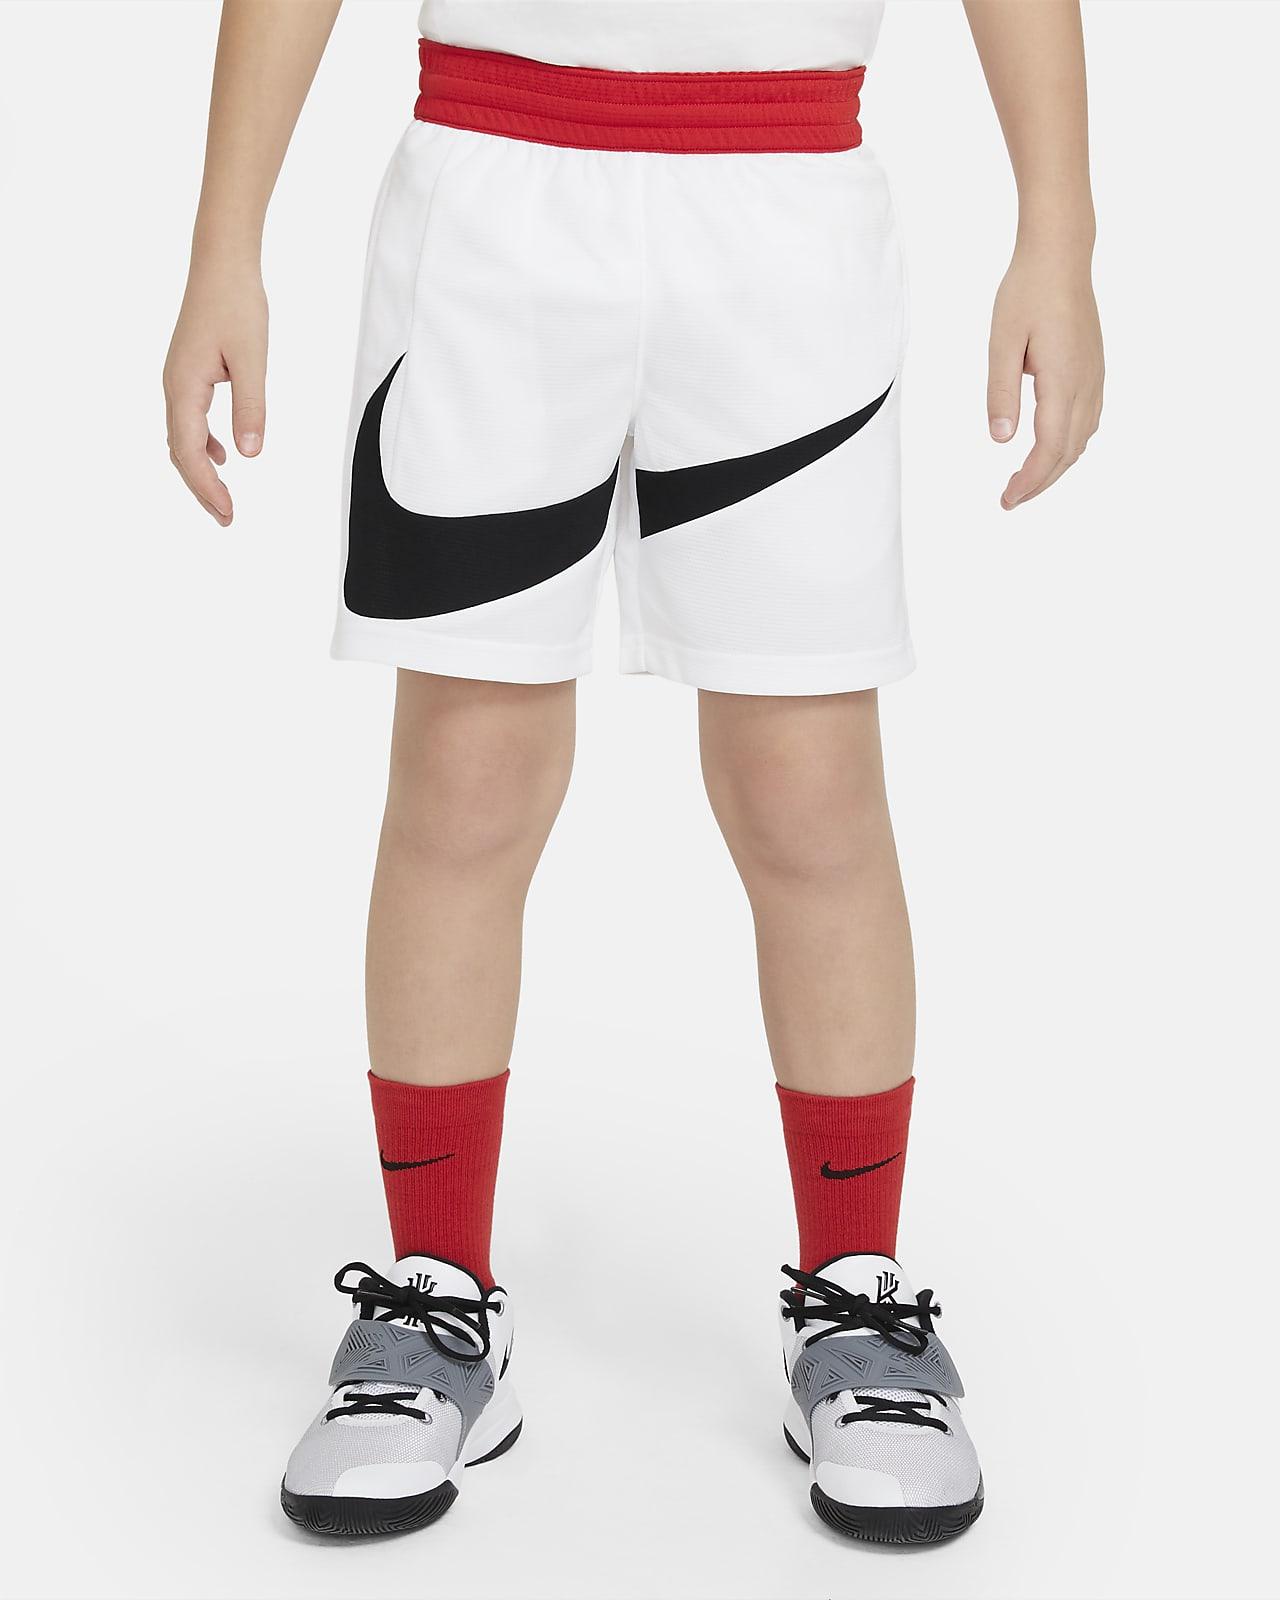 Баскетбольные шорты для мальчиков школьного возраста Nike Dri-FIT